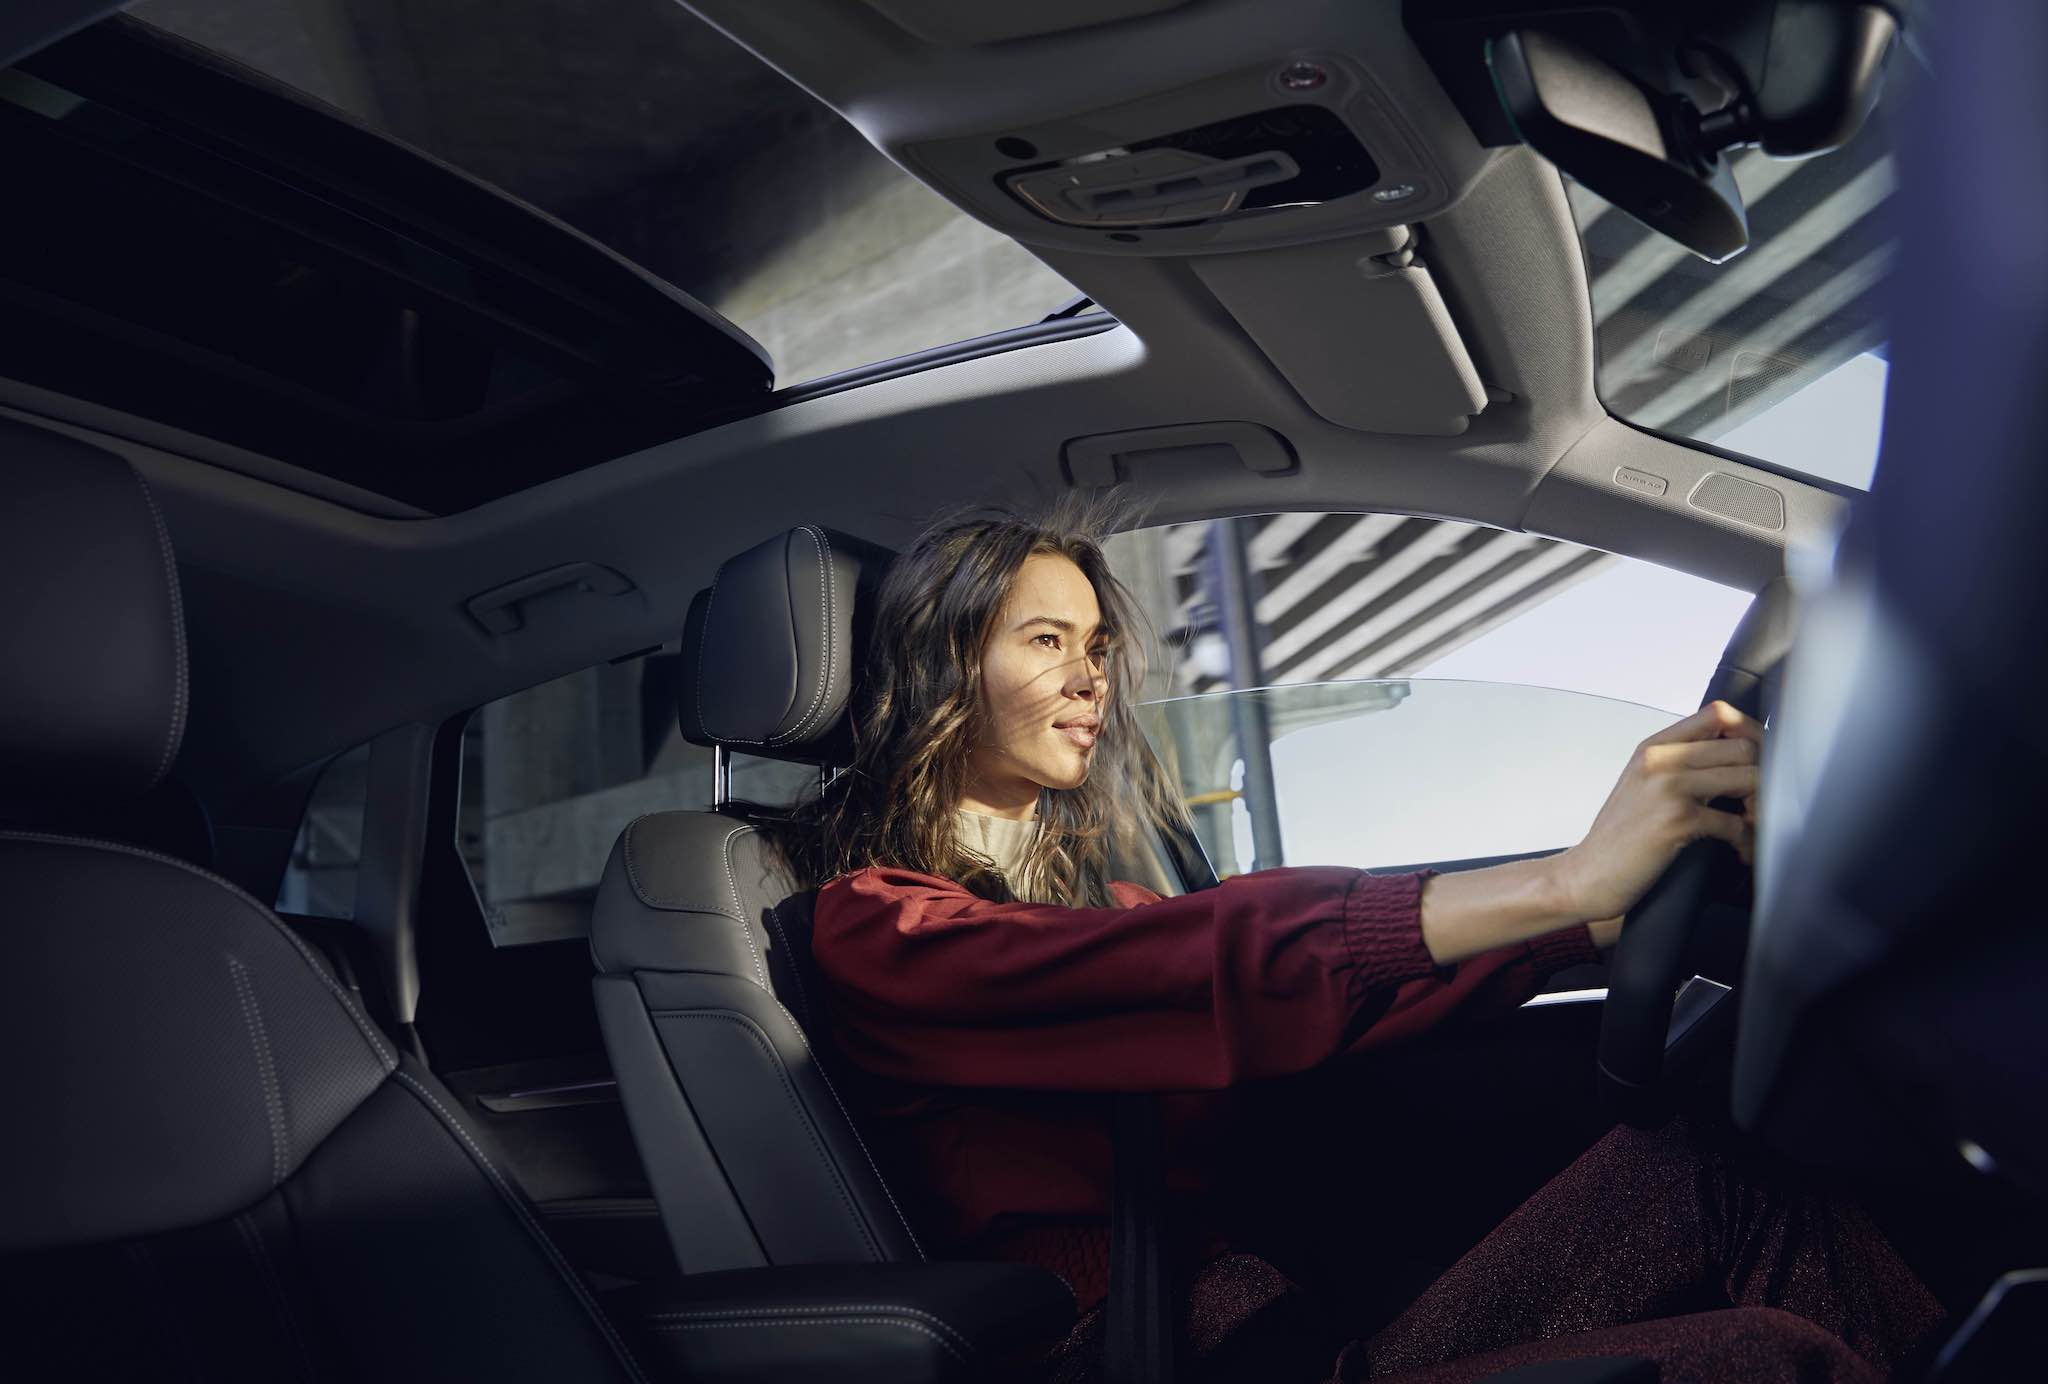 套件包含 Bang & Olufsen 3D 16 聲道環繞音響系統,打造如劇院般的聽覺享受及全景式玻璃天窗提供更佳的乘座視野。